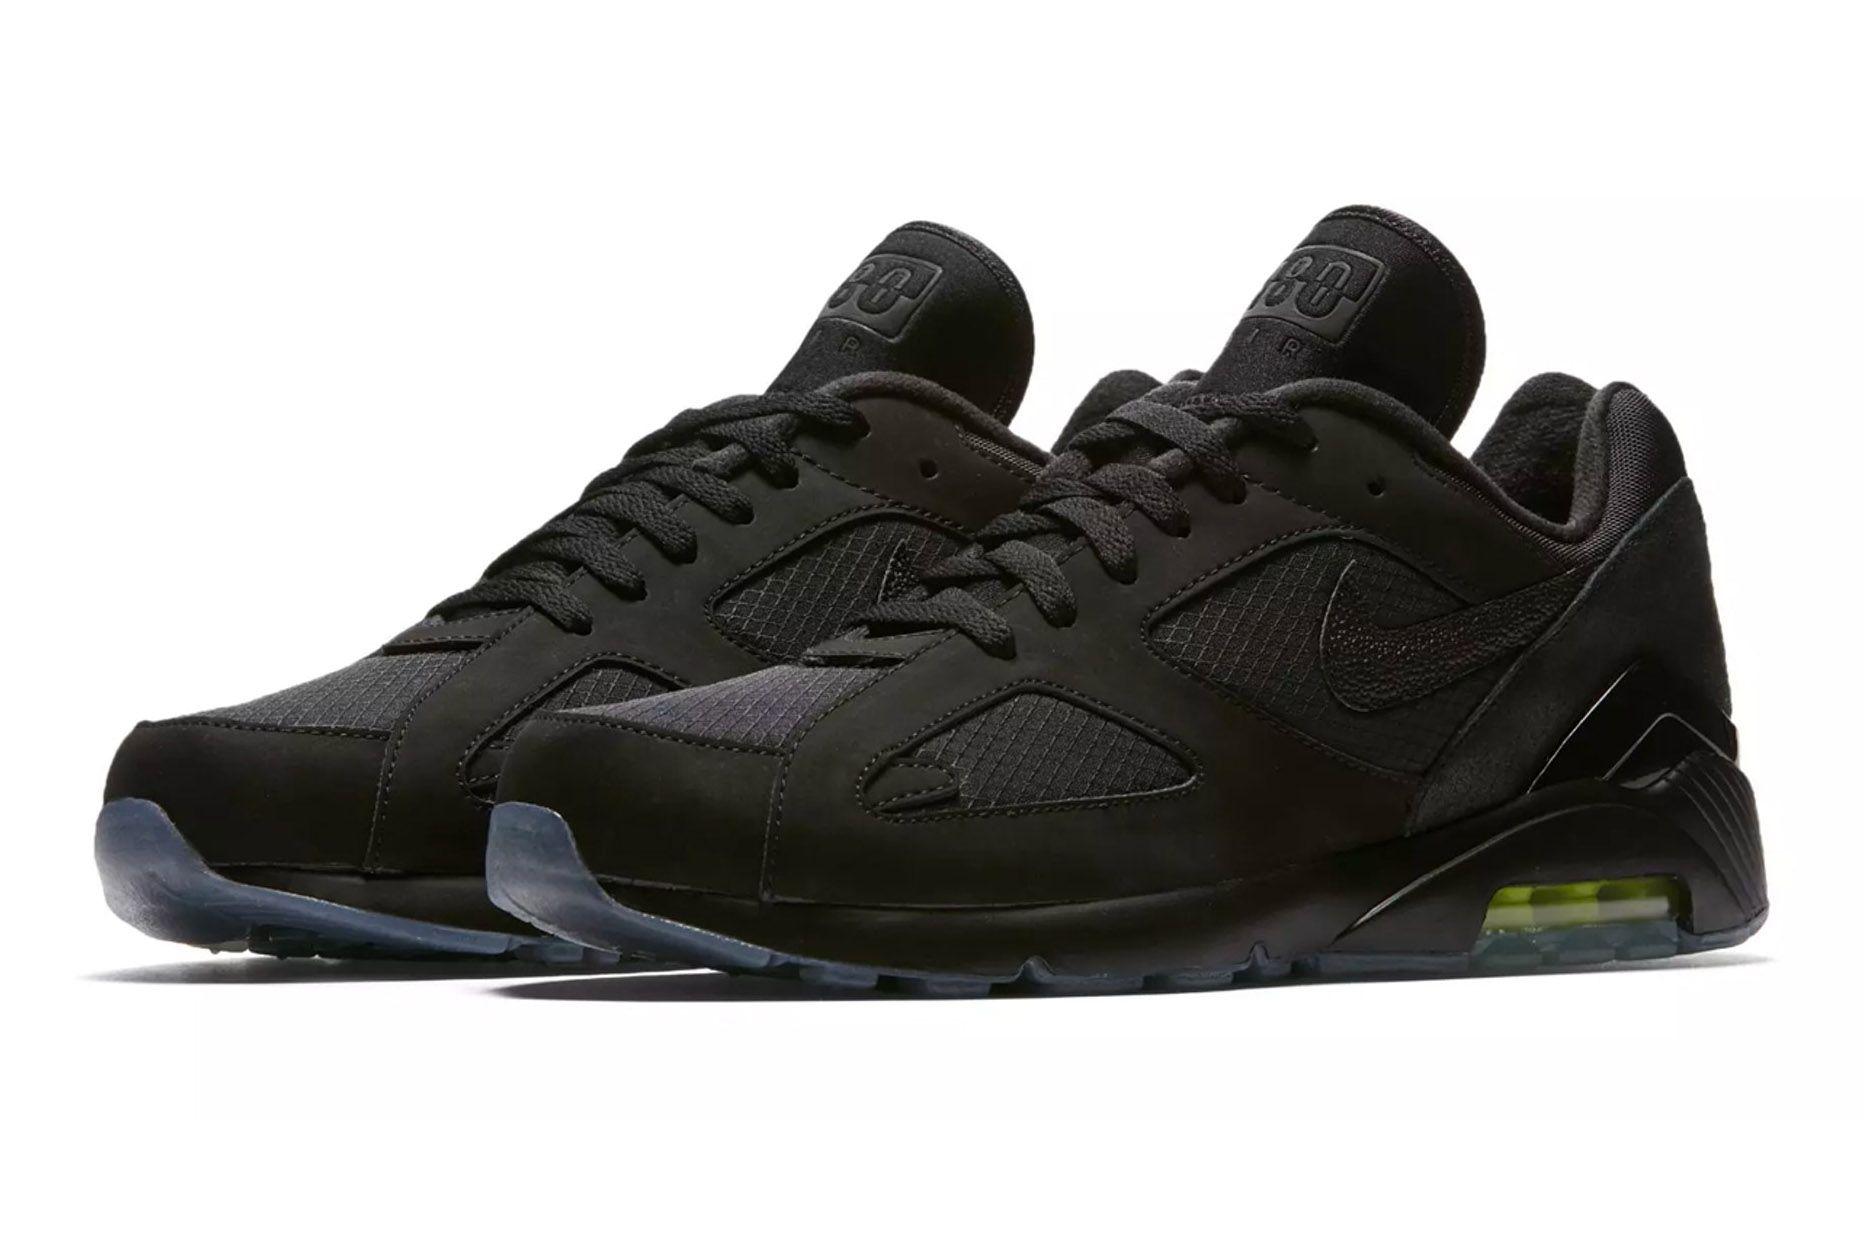 Nike Air Max 180 Black Volt First Look 002 Sneaker Freaker